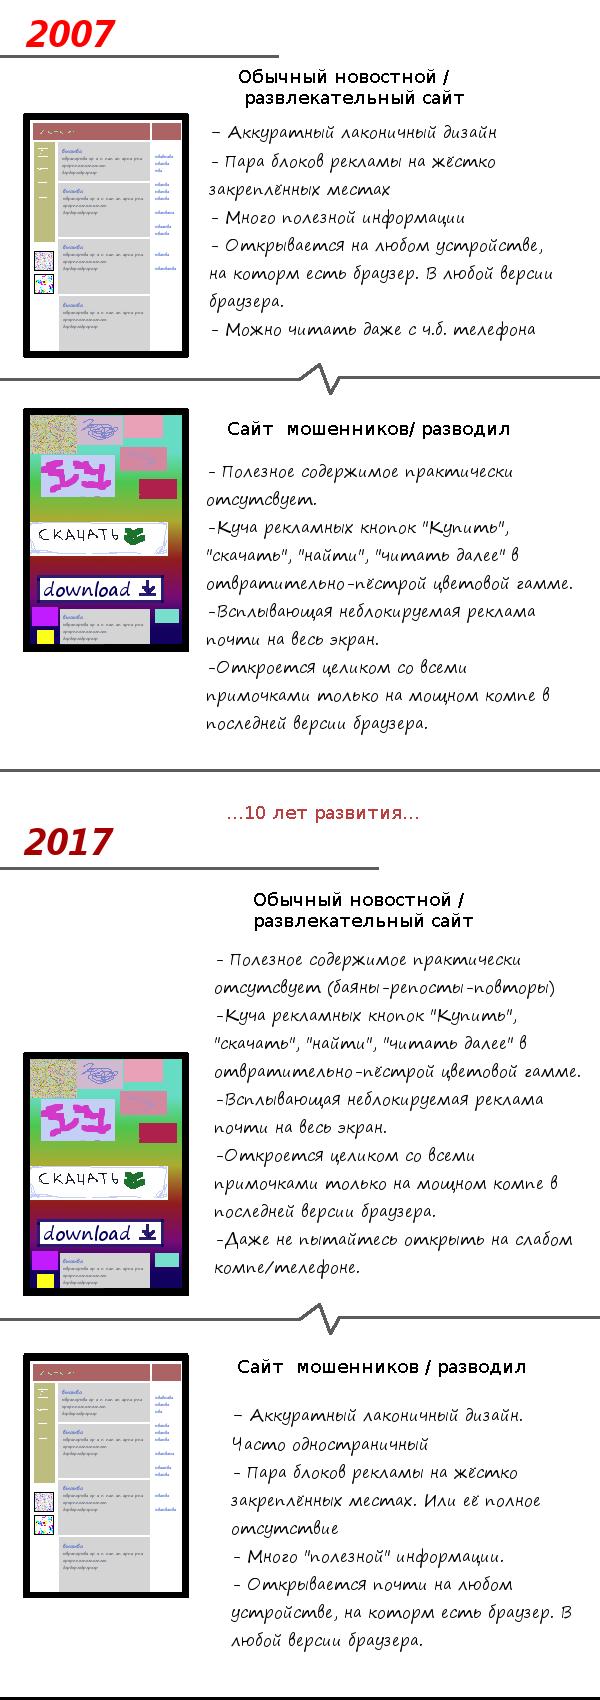 Прогресс веб разработки за 10 лет. Сайт, Веб-Разработка, Длиннопост